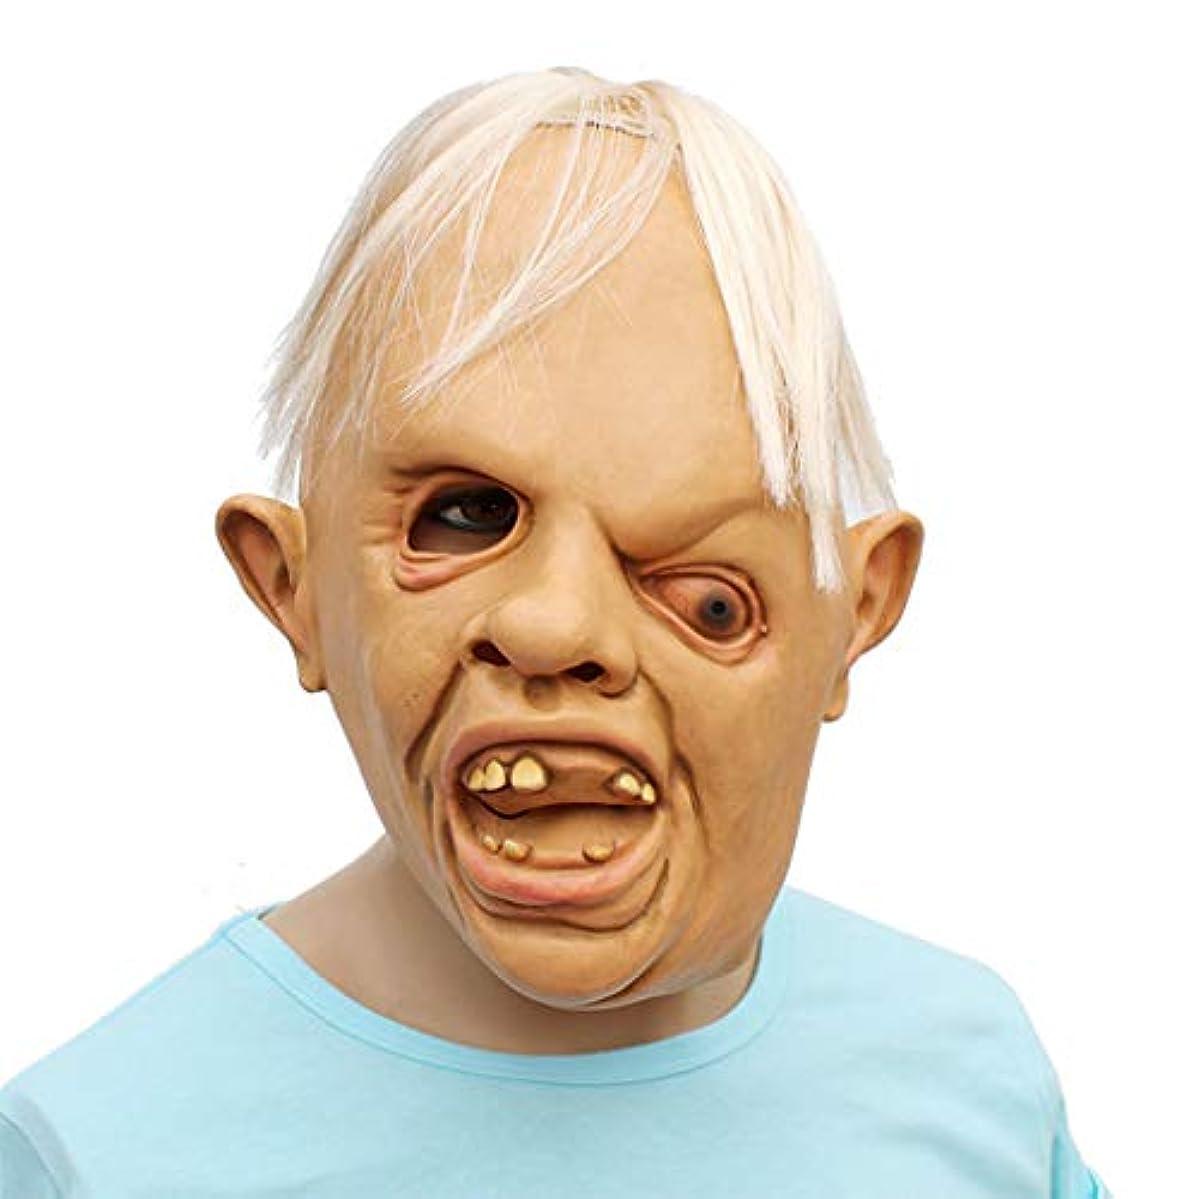 クラッシュアルコール侵入するハロウィーンマスク、ラテックスマスク、不気味な怖いLaいレイジーマスクハロウィーンパーティーの衣装の装飾